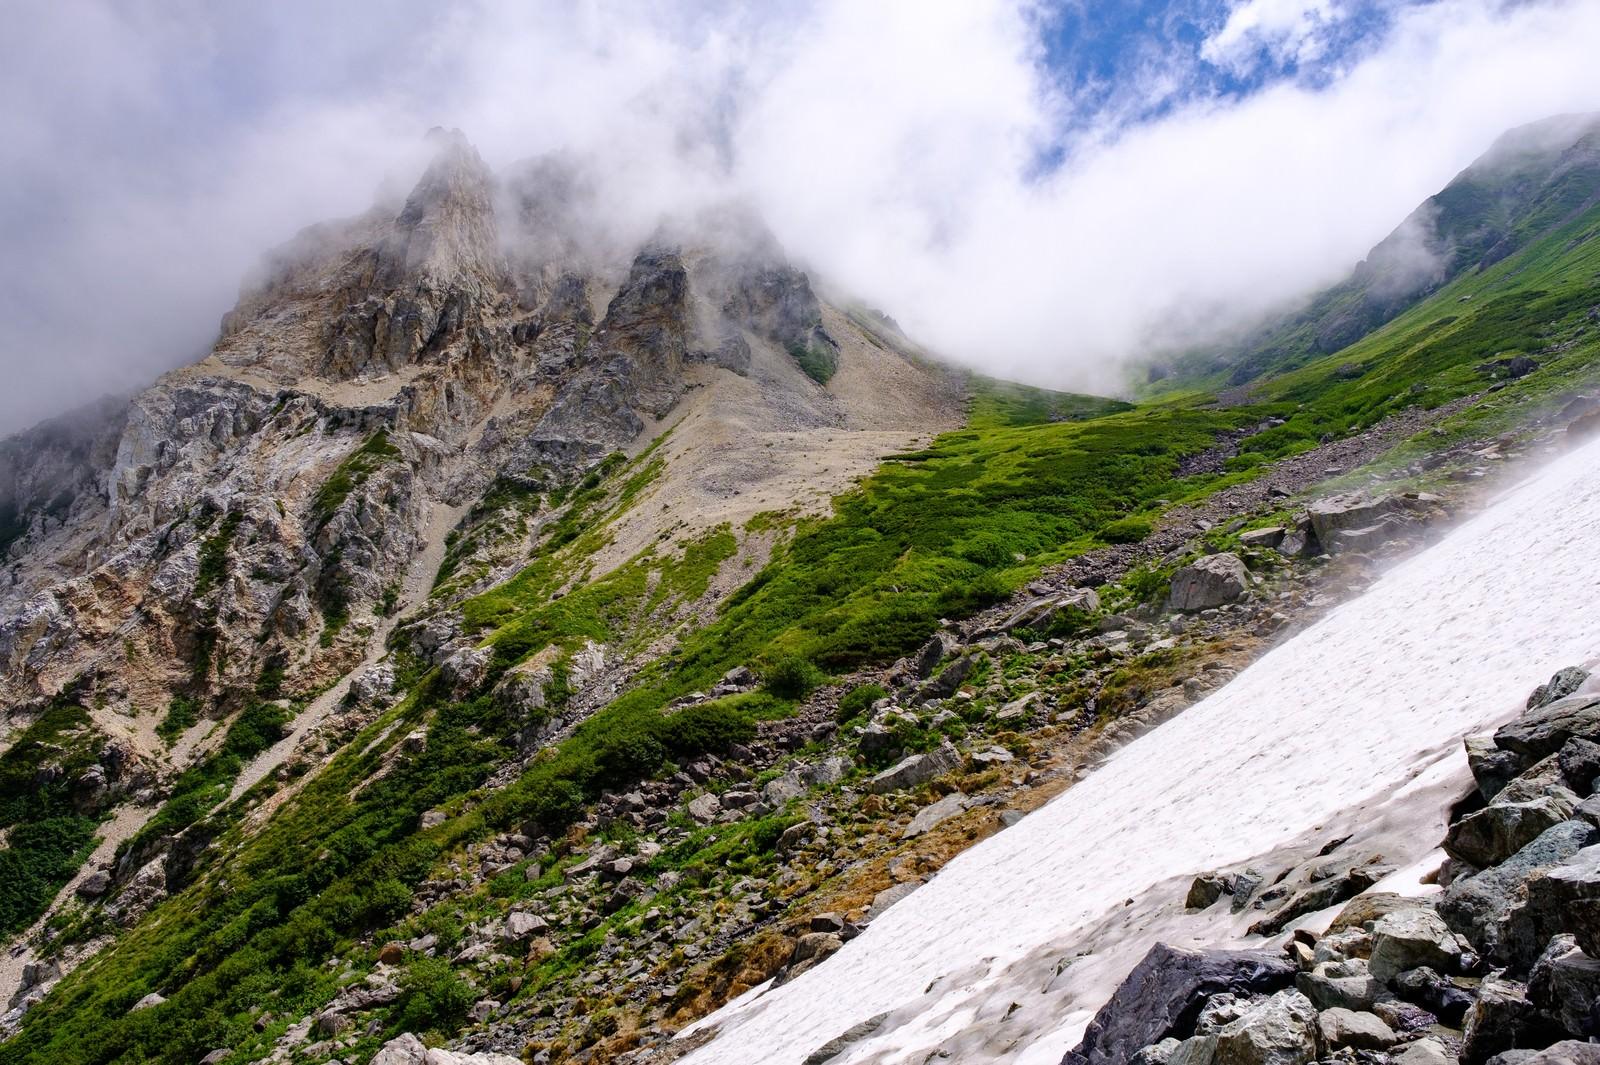 「大雪渓越しに見る山々の風景(白馬岳)」の写真